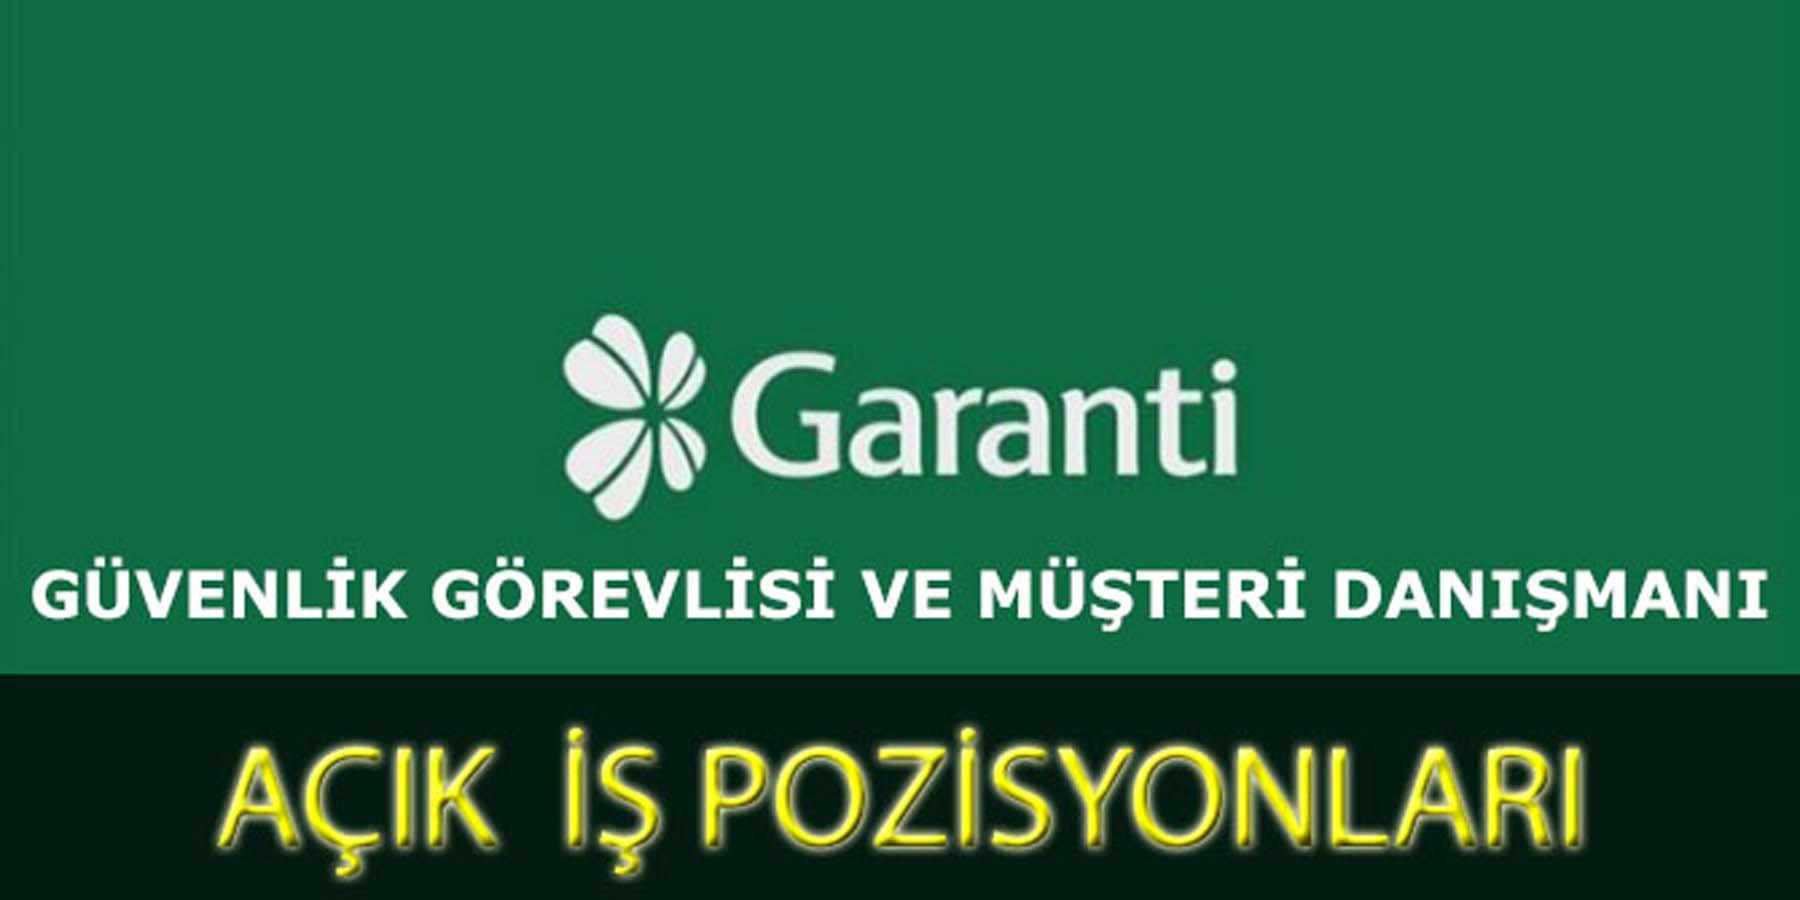 Garanti Bankası İş İlanları Fırsatları (Açık İş Pozisyonları)